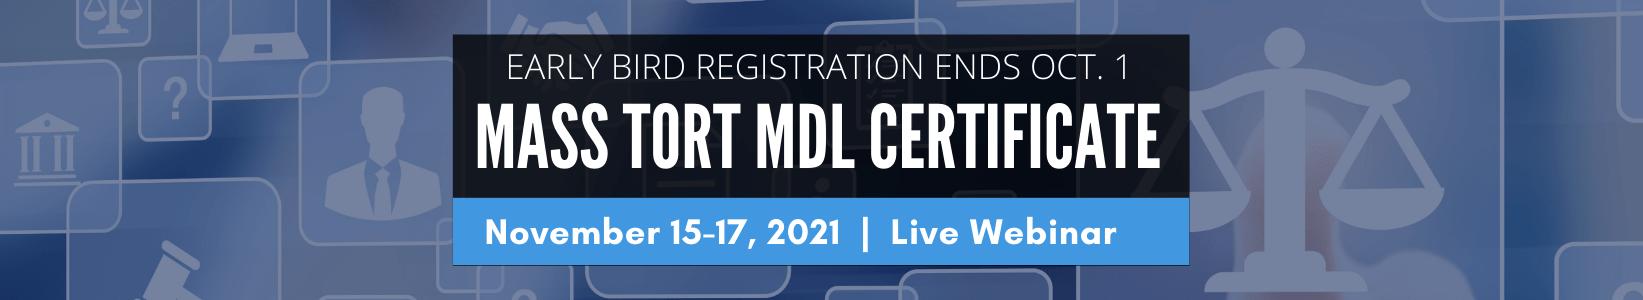 Mass Tort MDL Certificate - Early Bird Registration Ends Oct 1